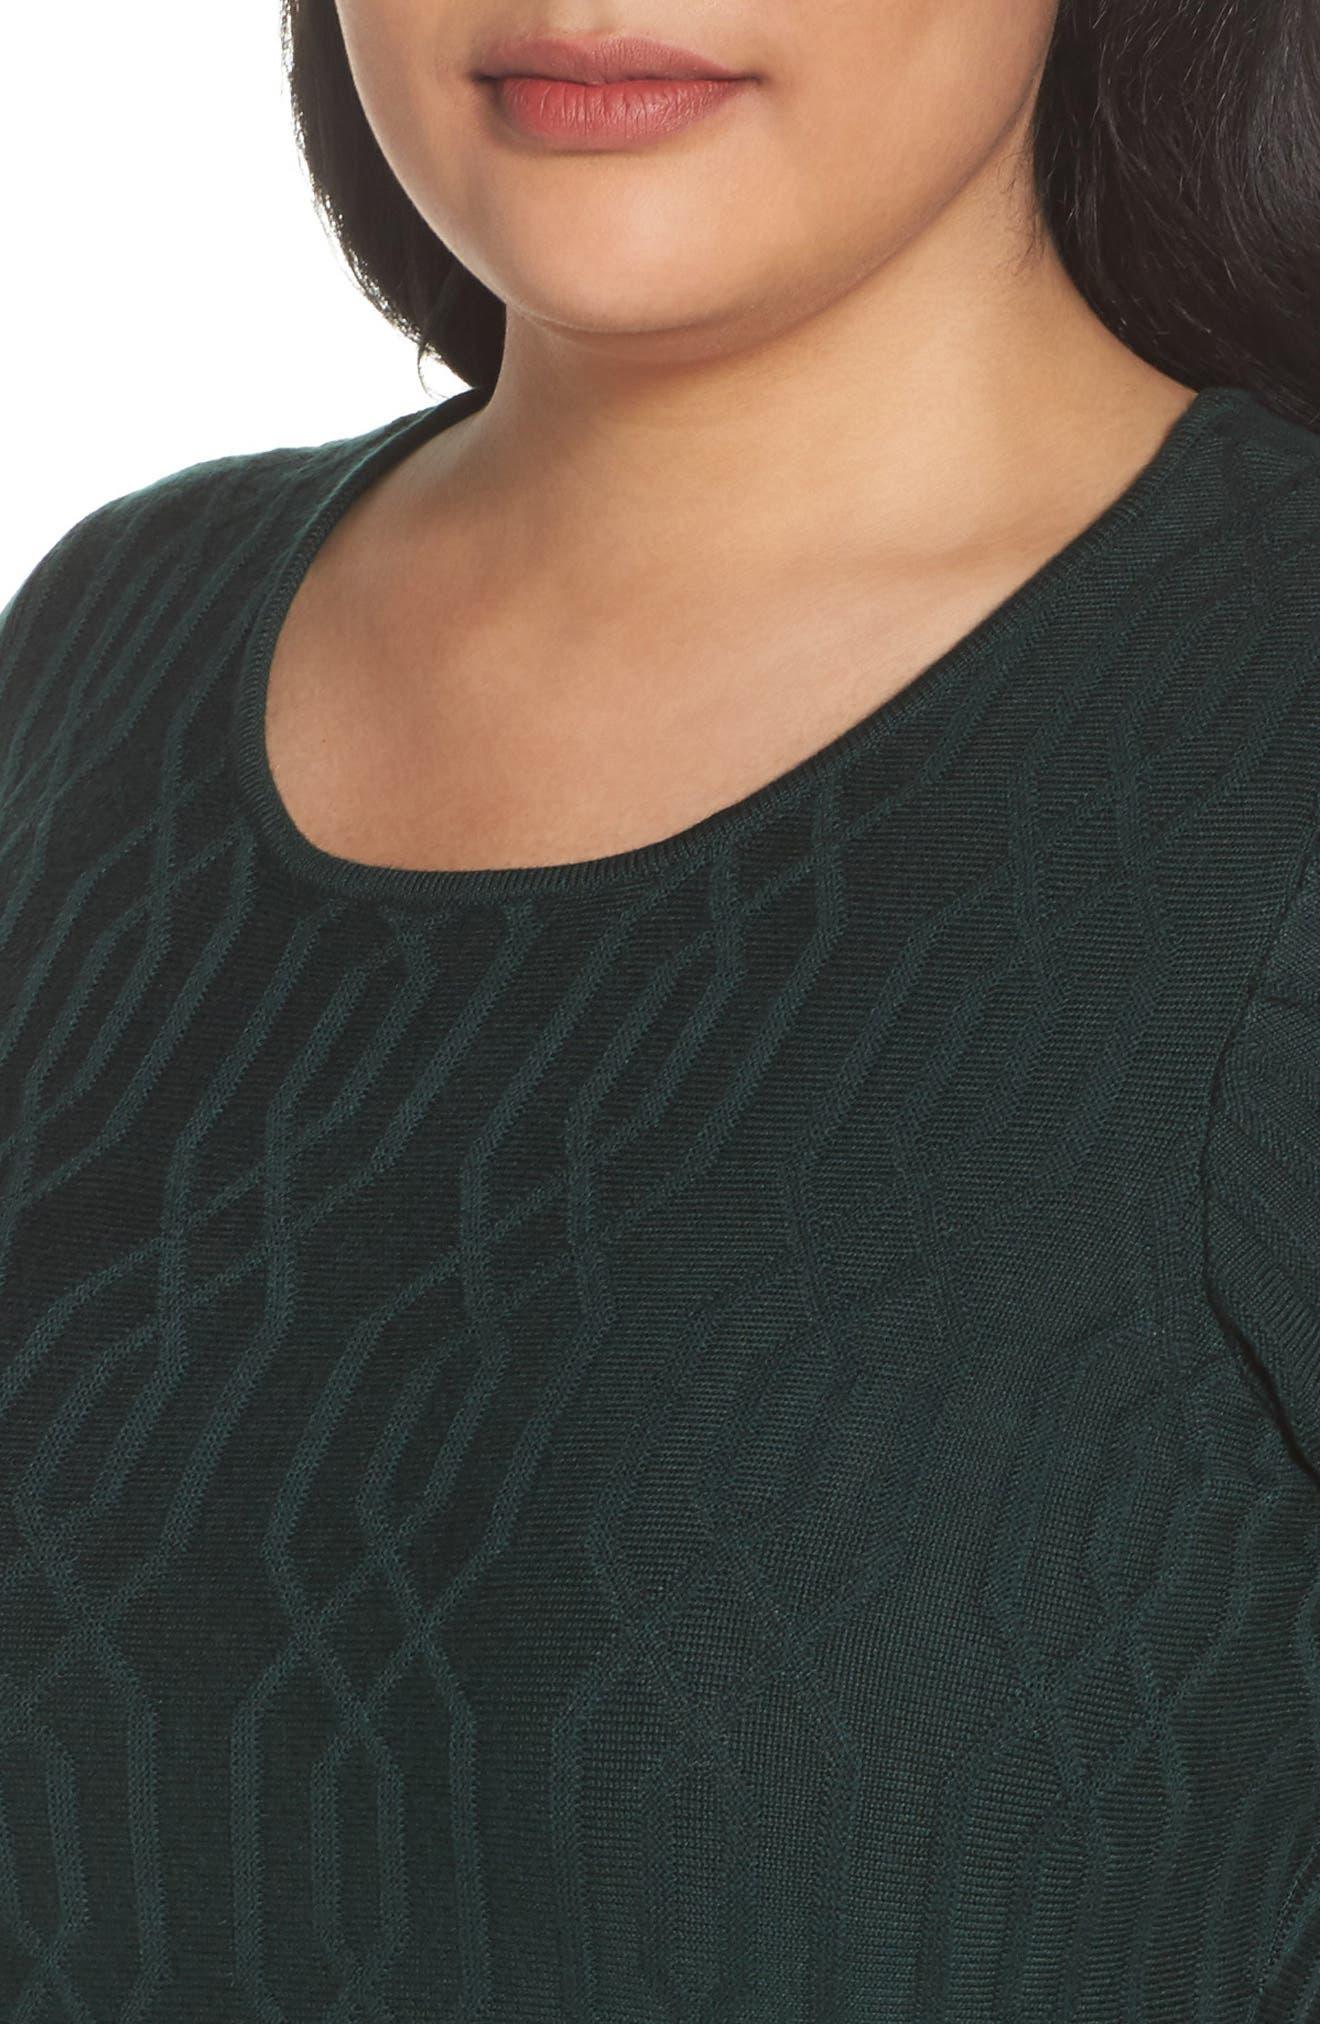 Jacquard Knit Fit & Flare Dress,                             Alternate thumbnail 4, color,                             Green